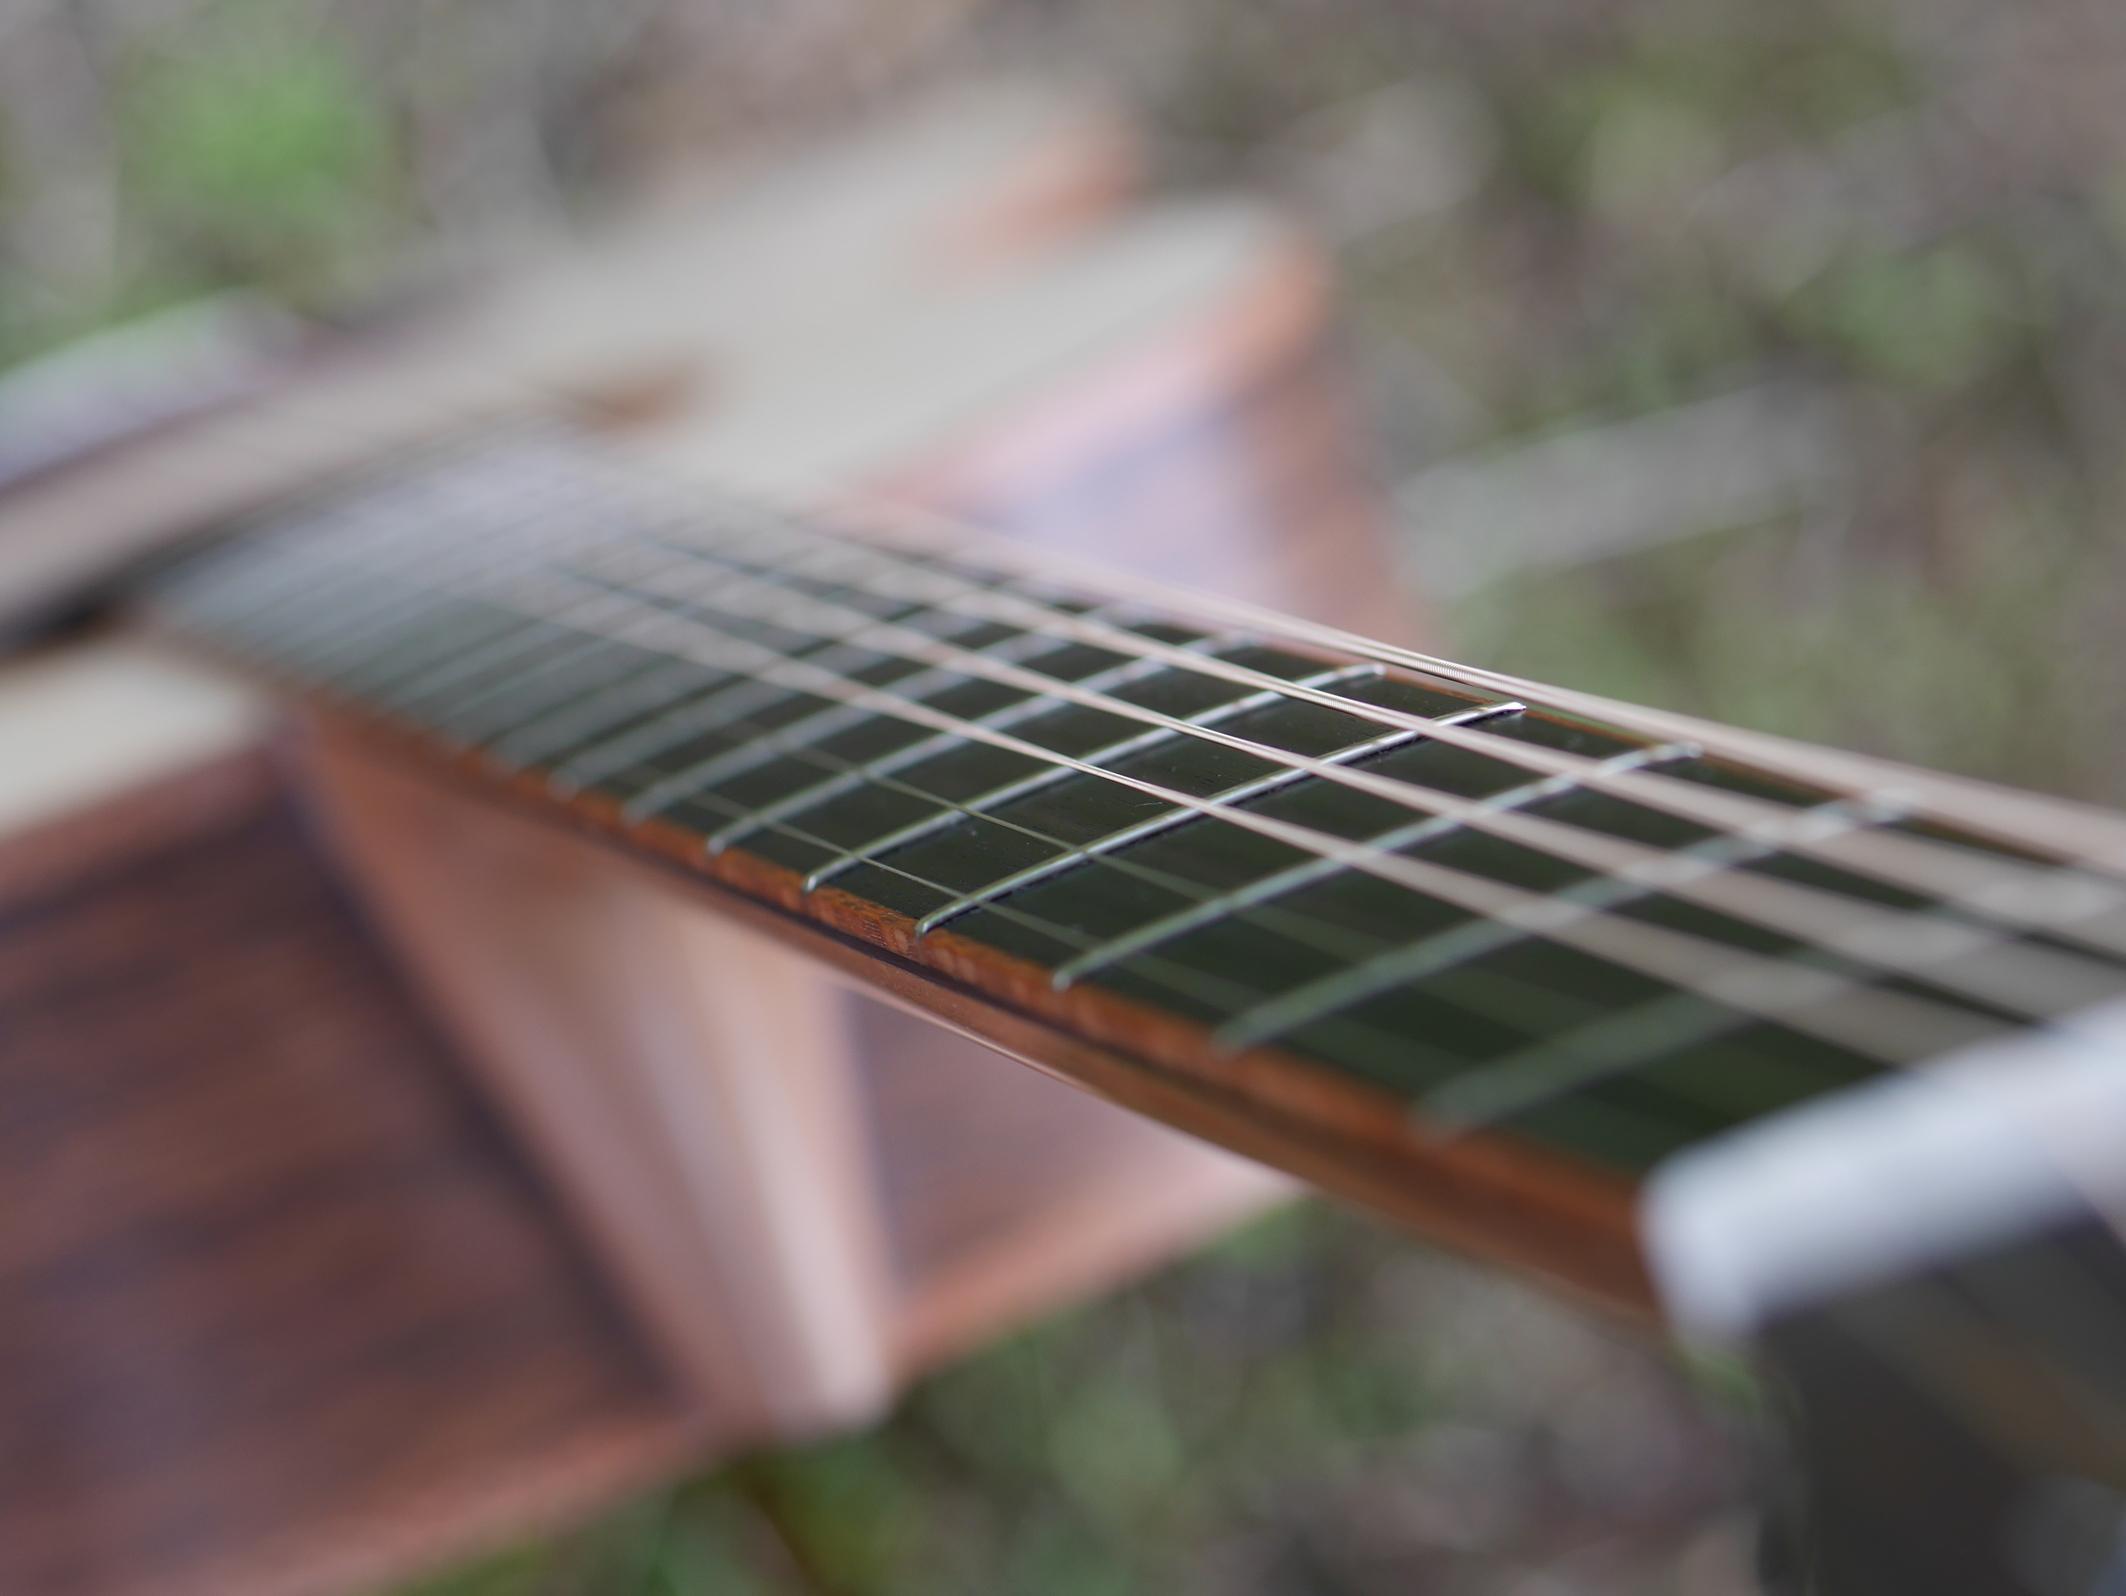 montgomery guitars, ebony fretboard, fanned frets